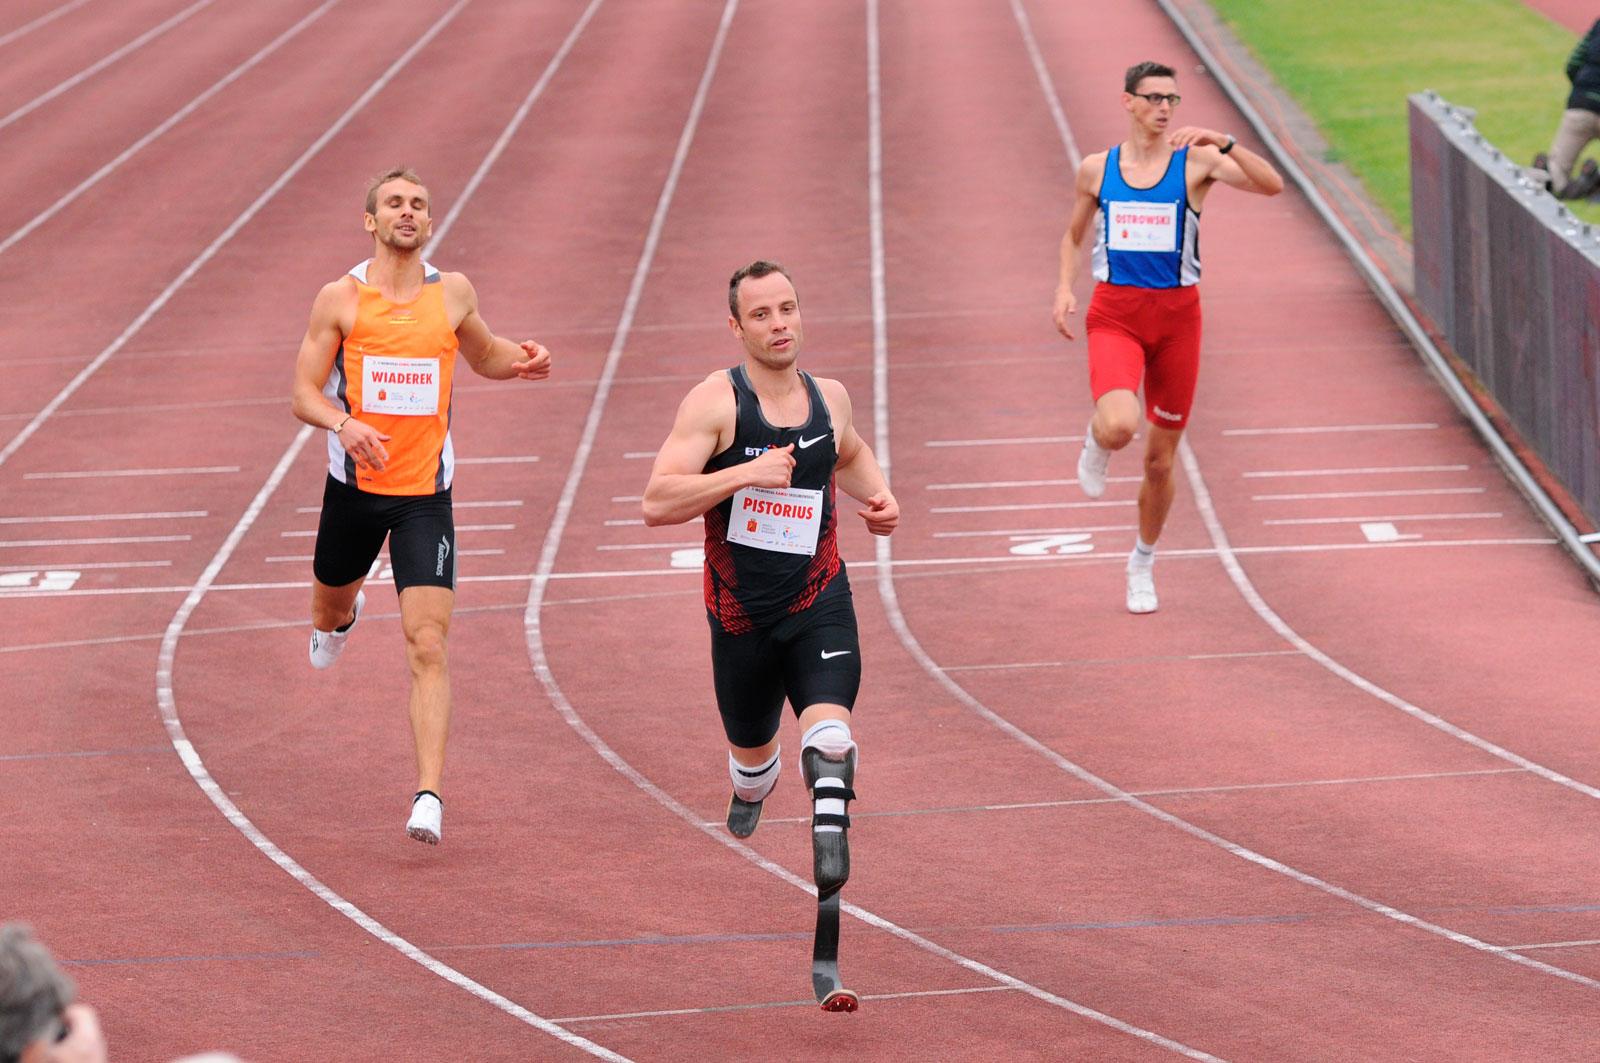 Zdjęcie przedstawia Oskara Pistoriusa na stadionie, na bieżni. Za nim znajduje się dwóch zawodników, po lewej i prawej stronie.